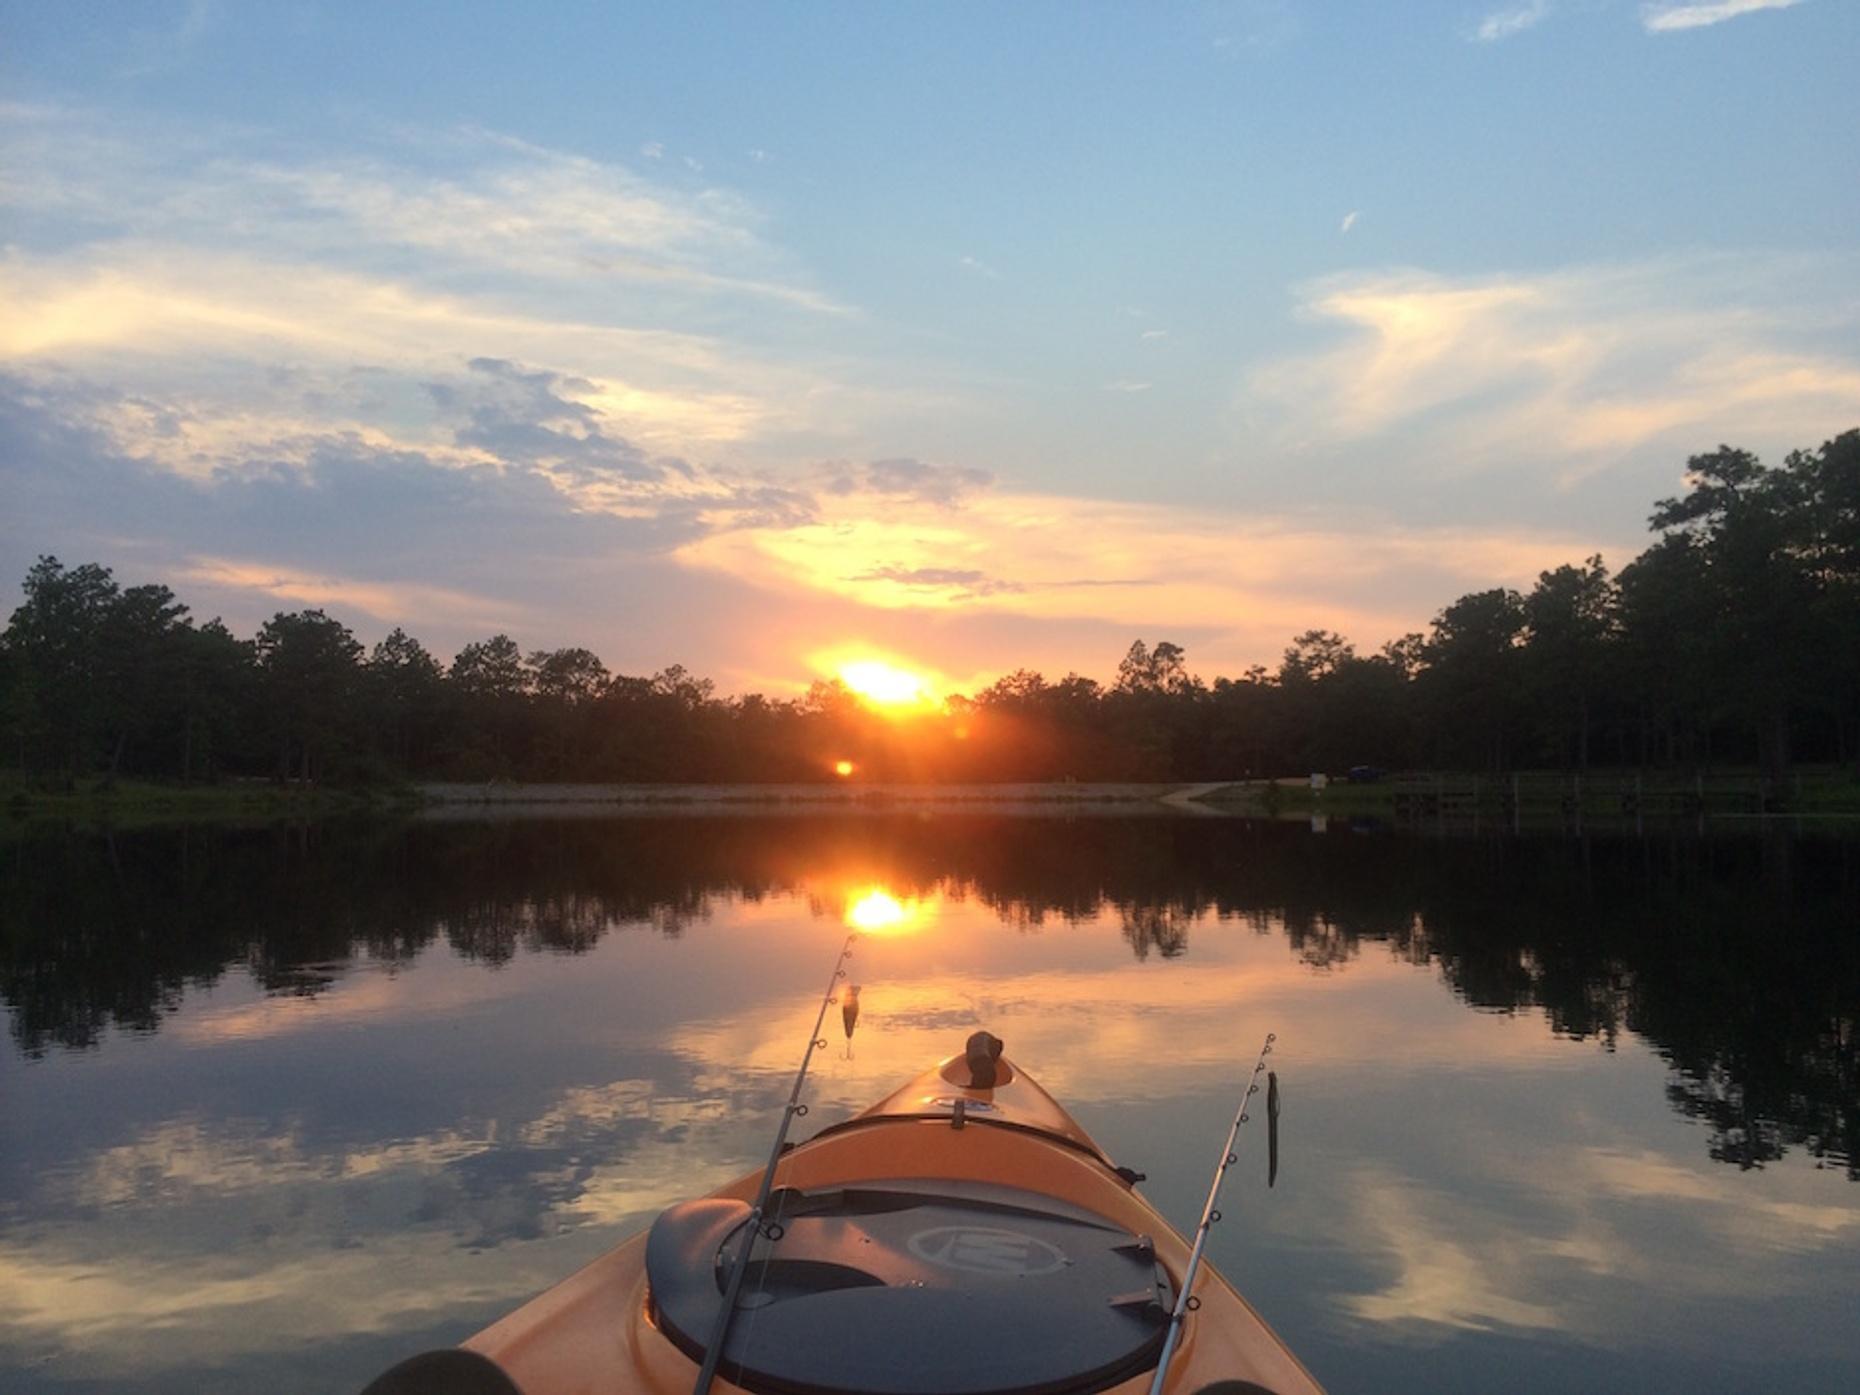 Sunset Kayaking Tour in Wurtsboro